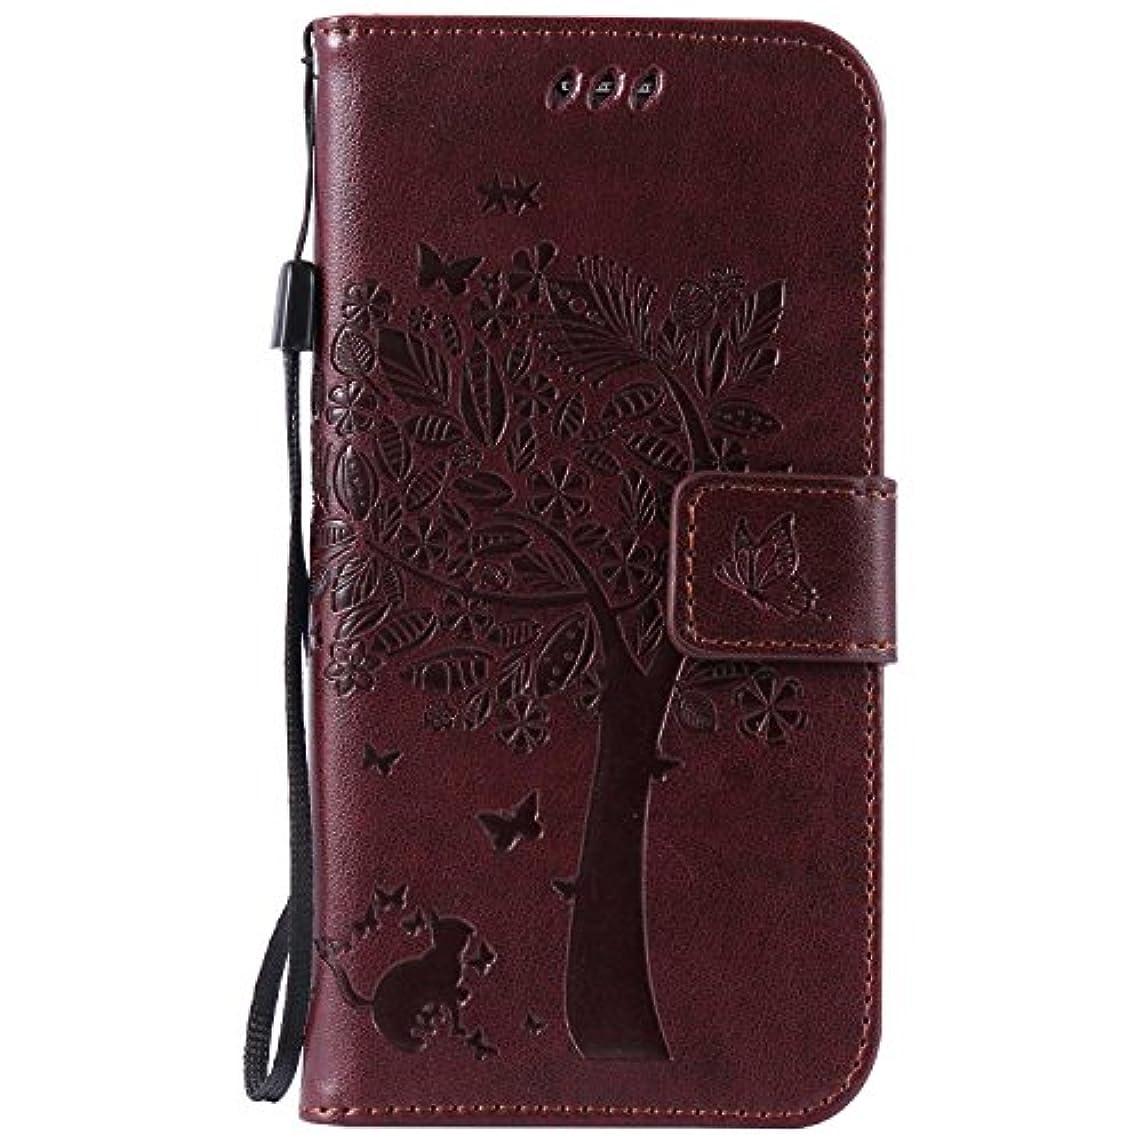 調和のとれた細菌フローOMATENTI Galaxy S7 ケース 手帳型ケース ウォレット型 カード収納 ストラップ付き 高級感PUレザー 押し花木柄 落下防止 財布型 カバー Galaxy S7 用 Case Cover, ダークブラウン